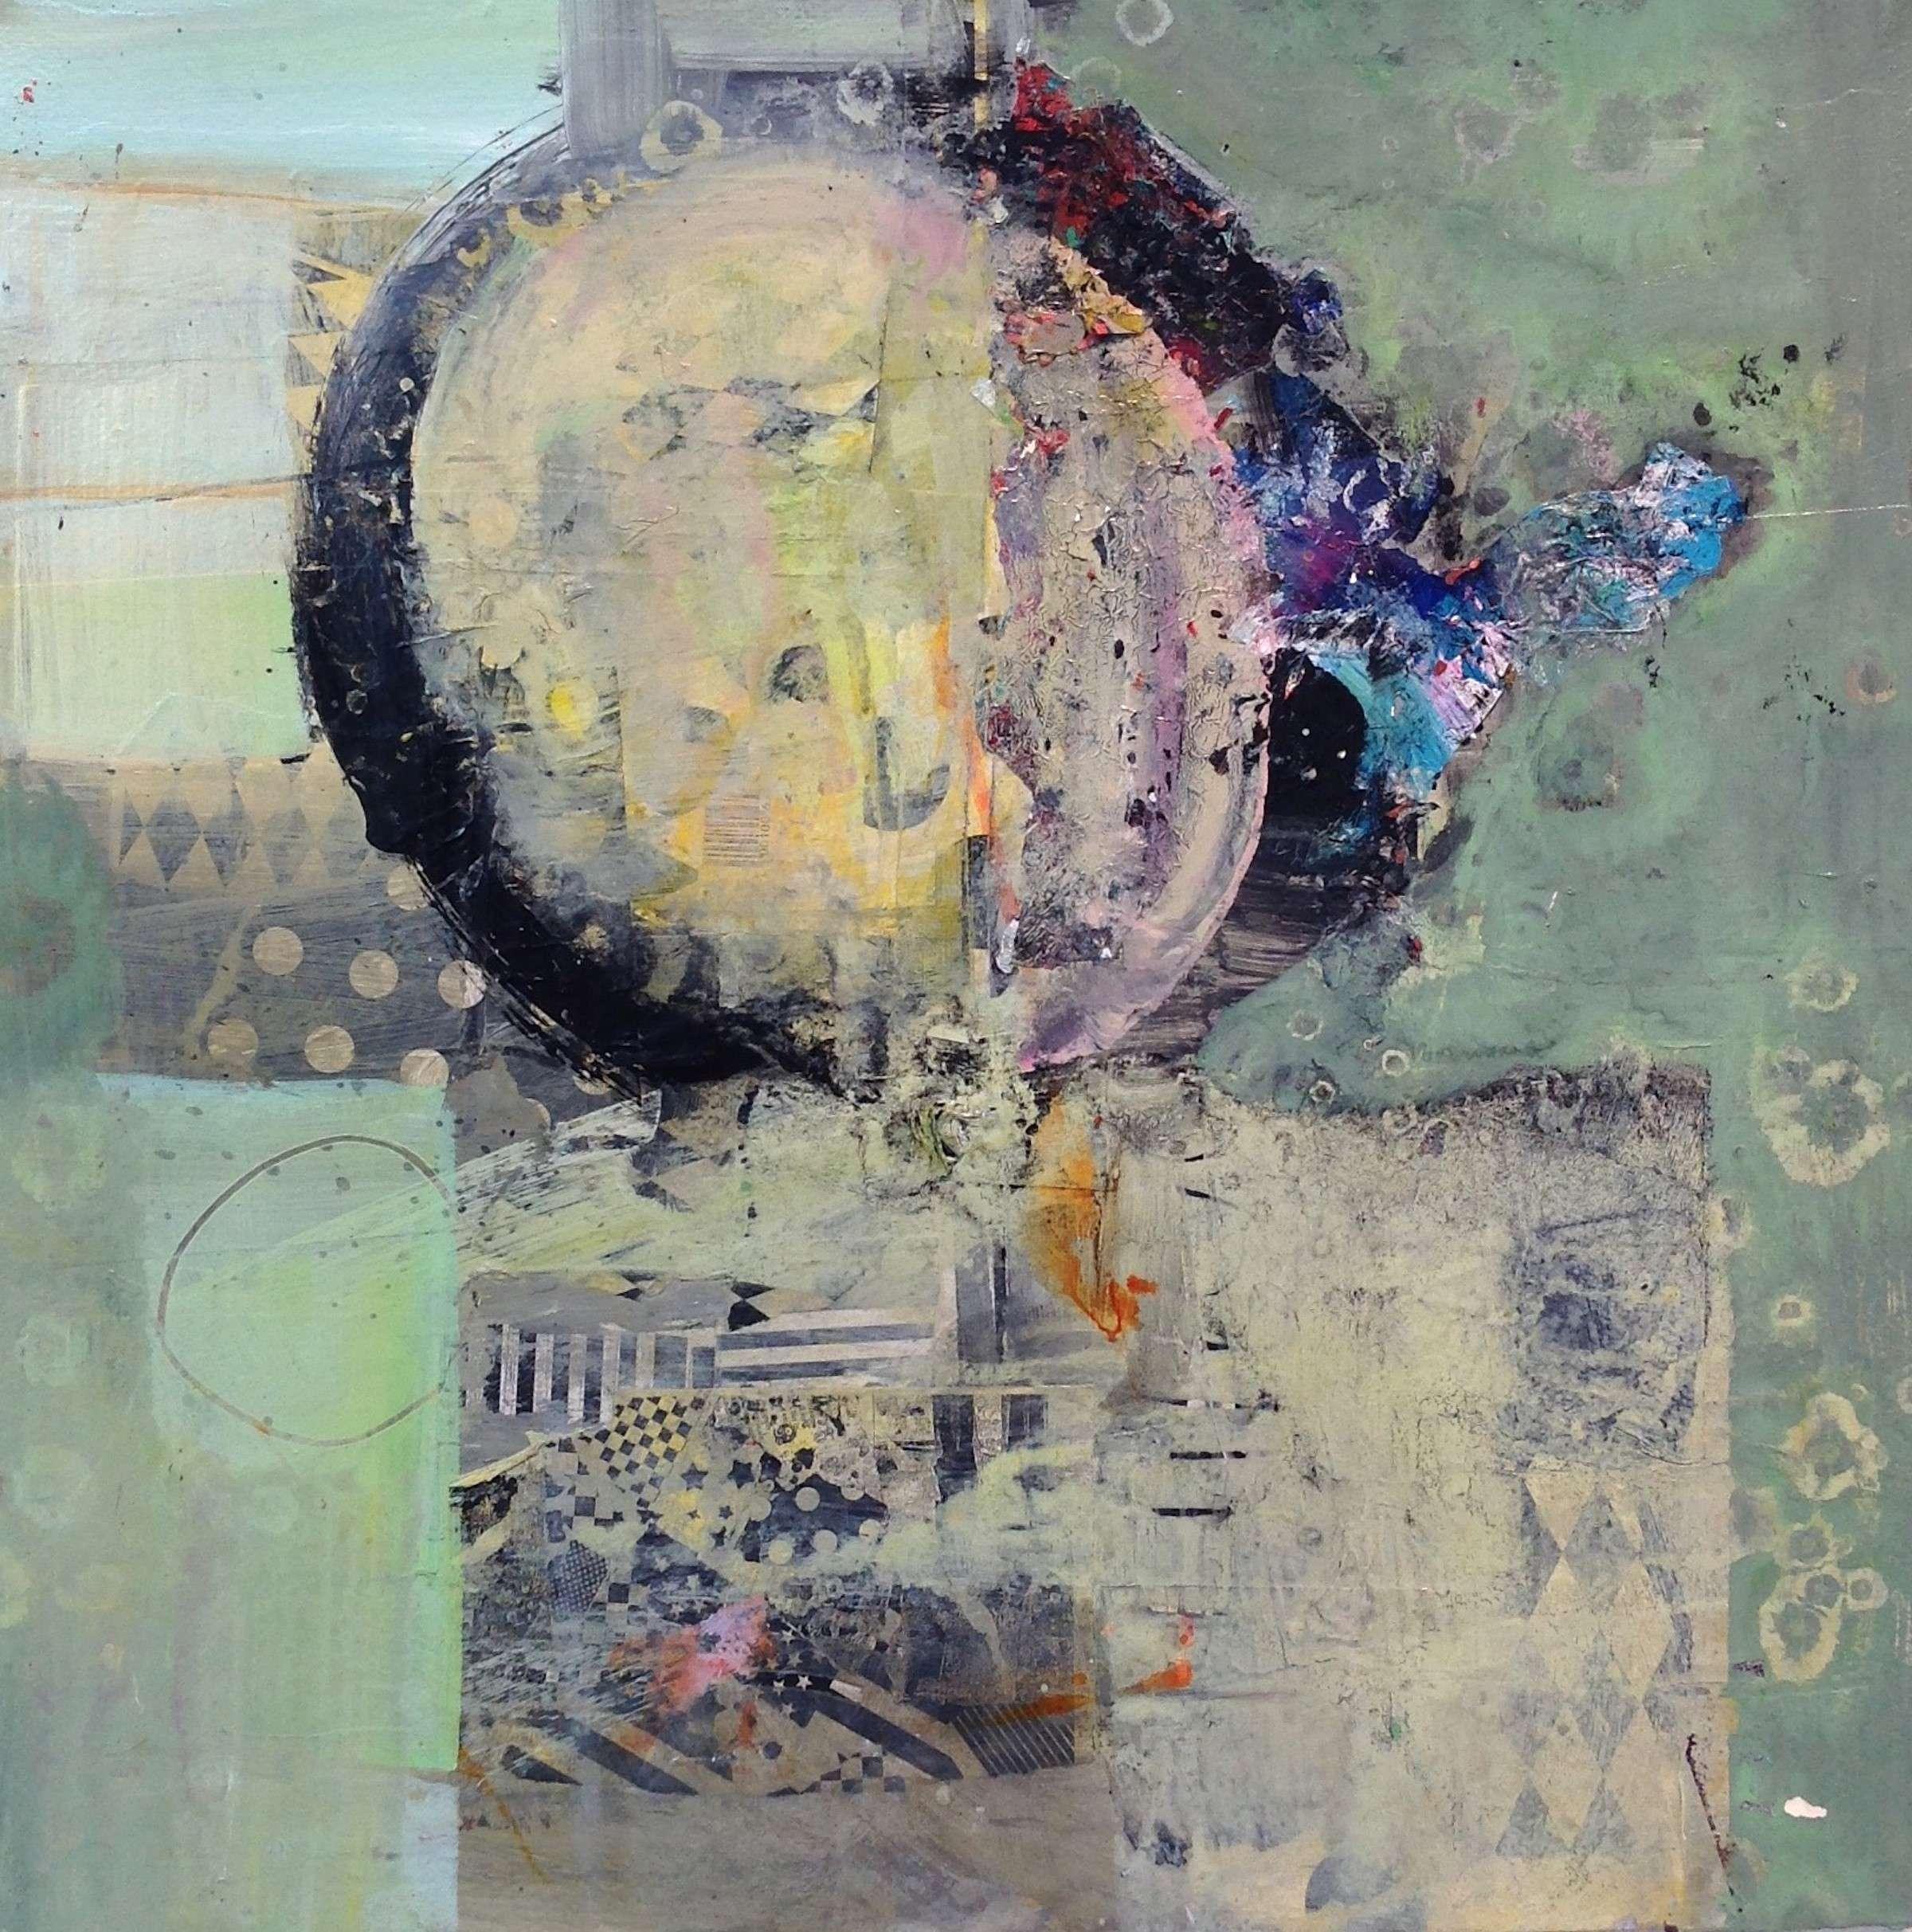 Robert Burridge Abstract Art in Muted Tones